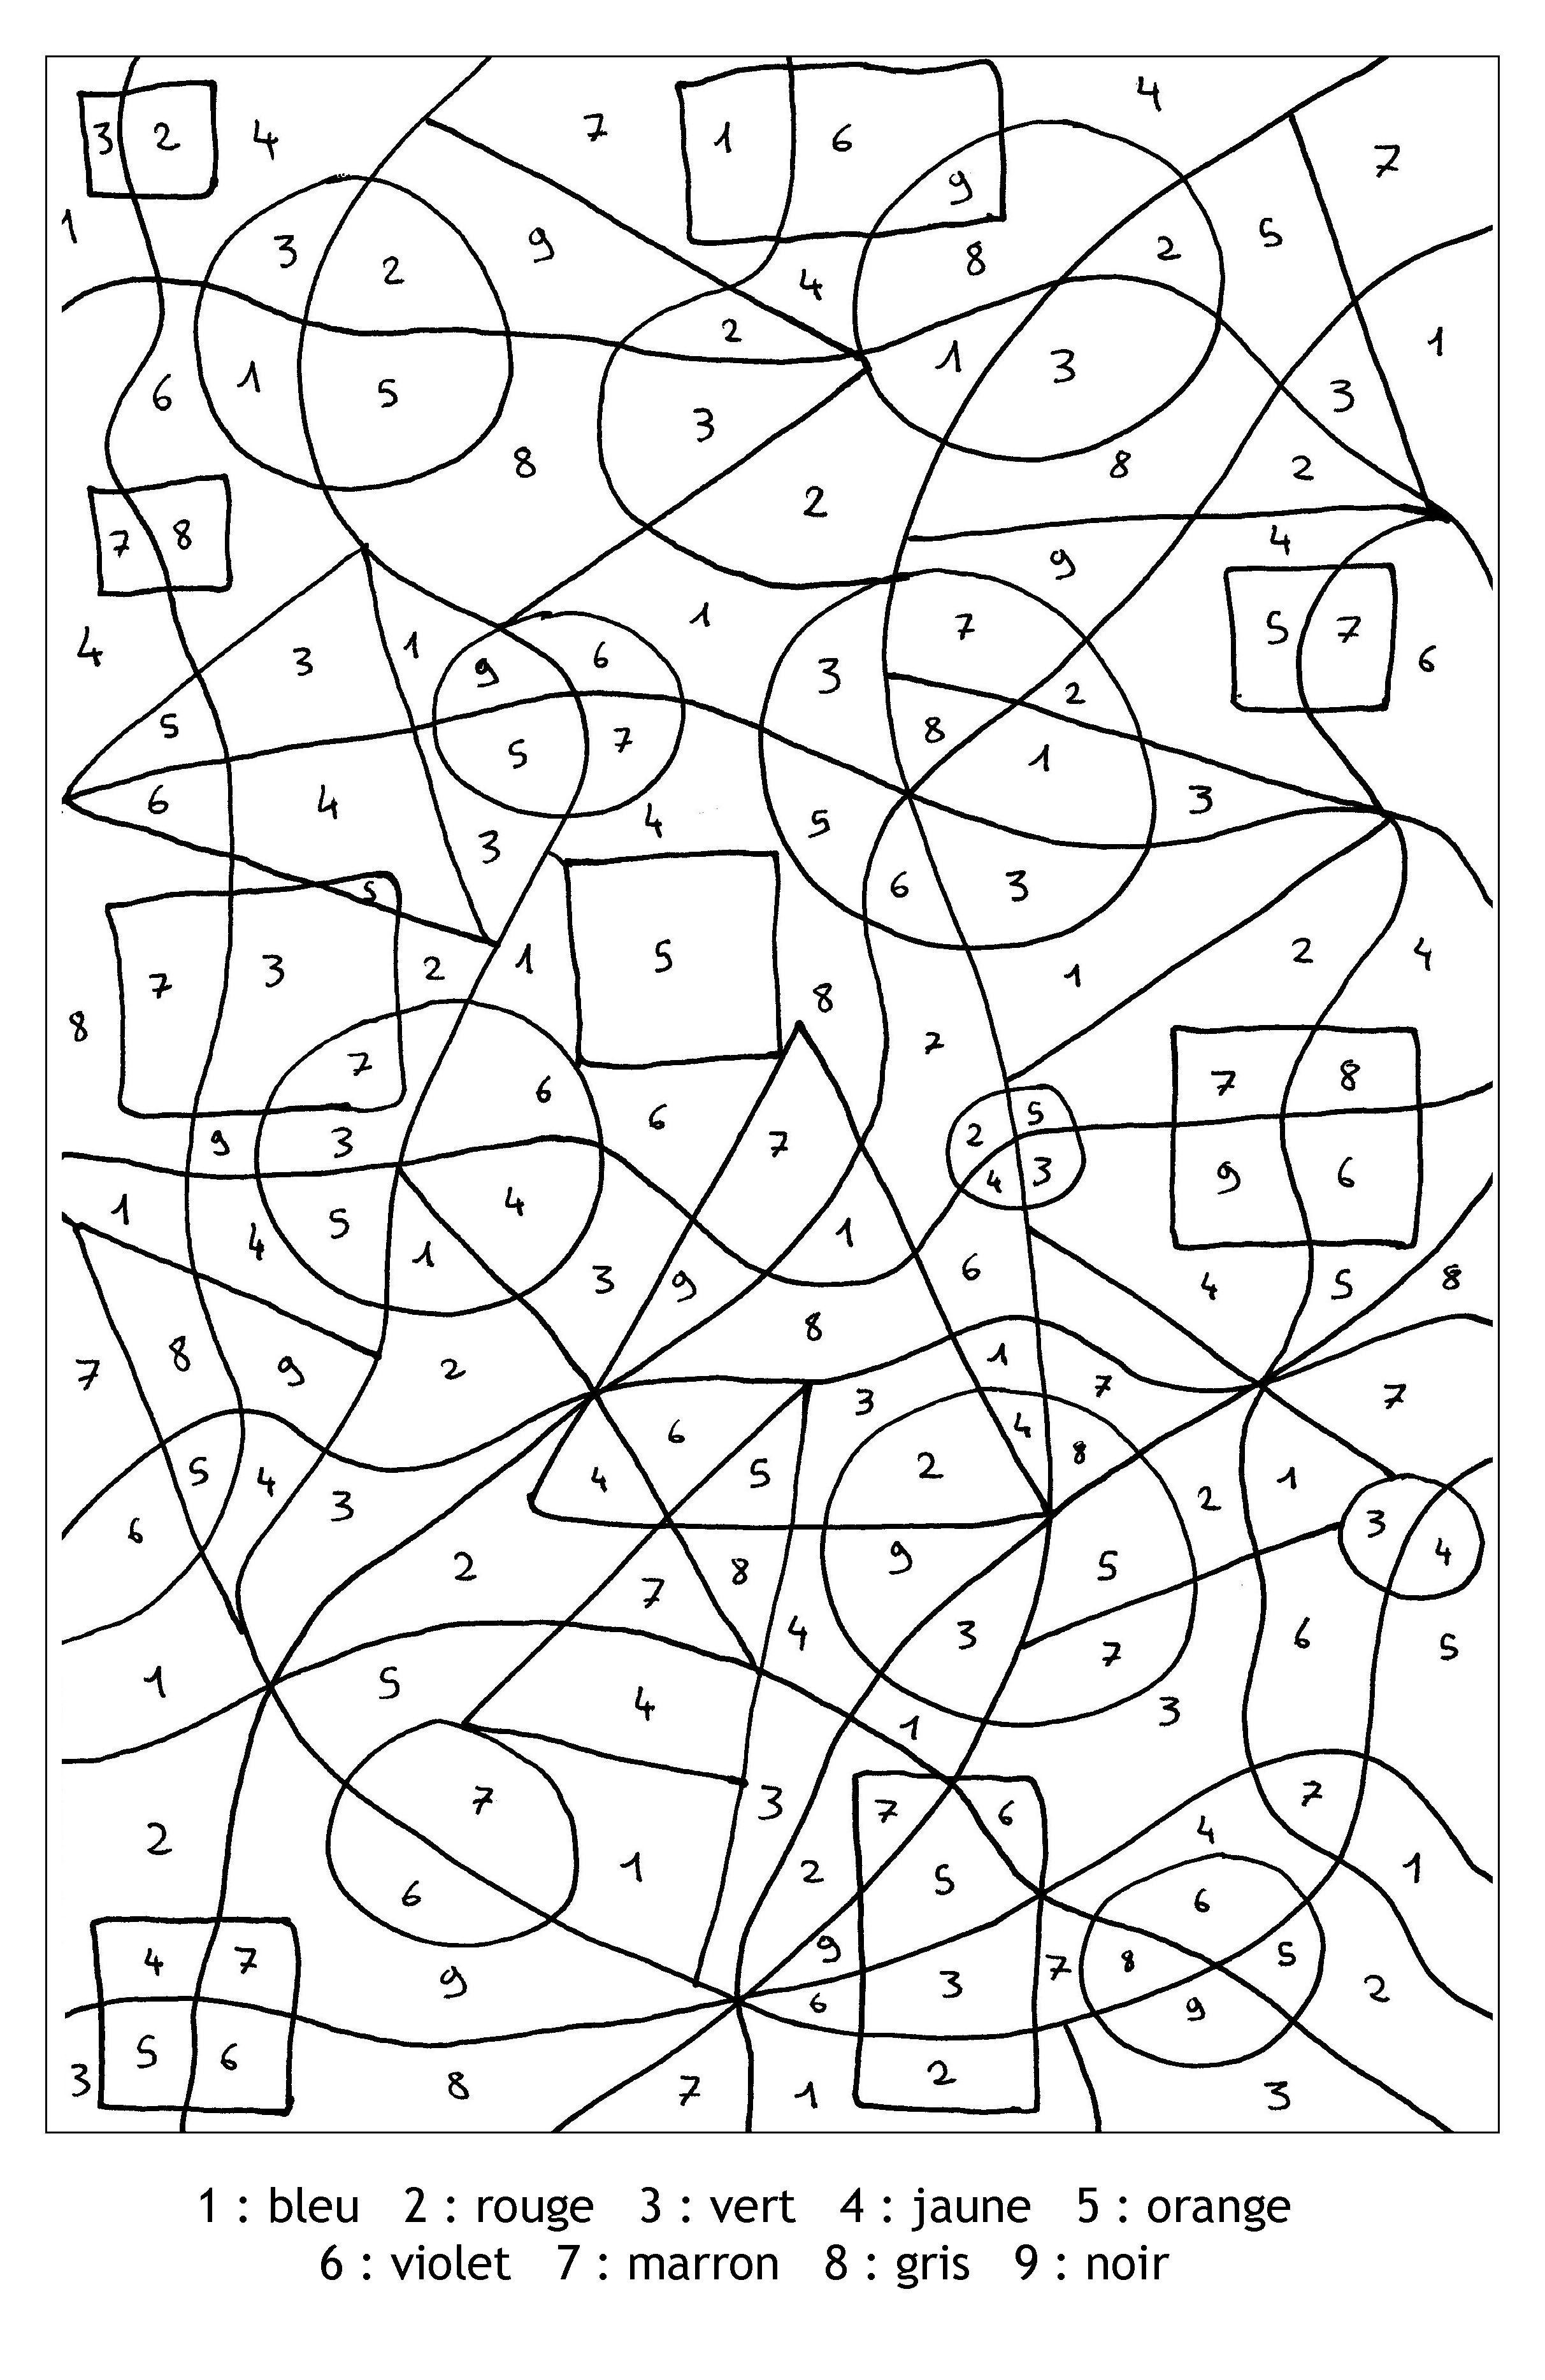 Pour Imprimer Ce Coloriage Gratuit «Coloriage-Magique encequiconcerne Coloriage Avec Chiffre